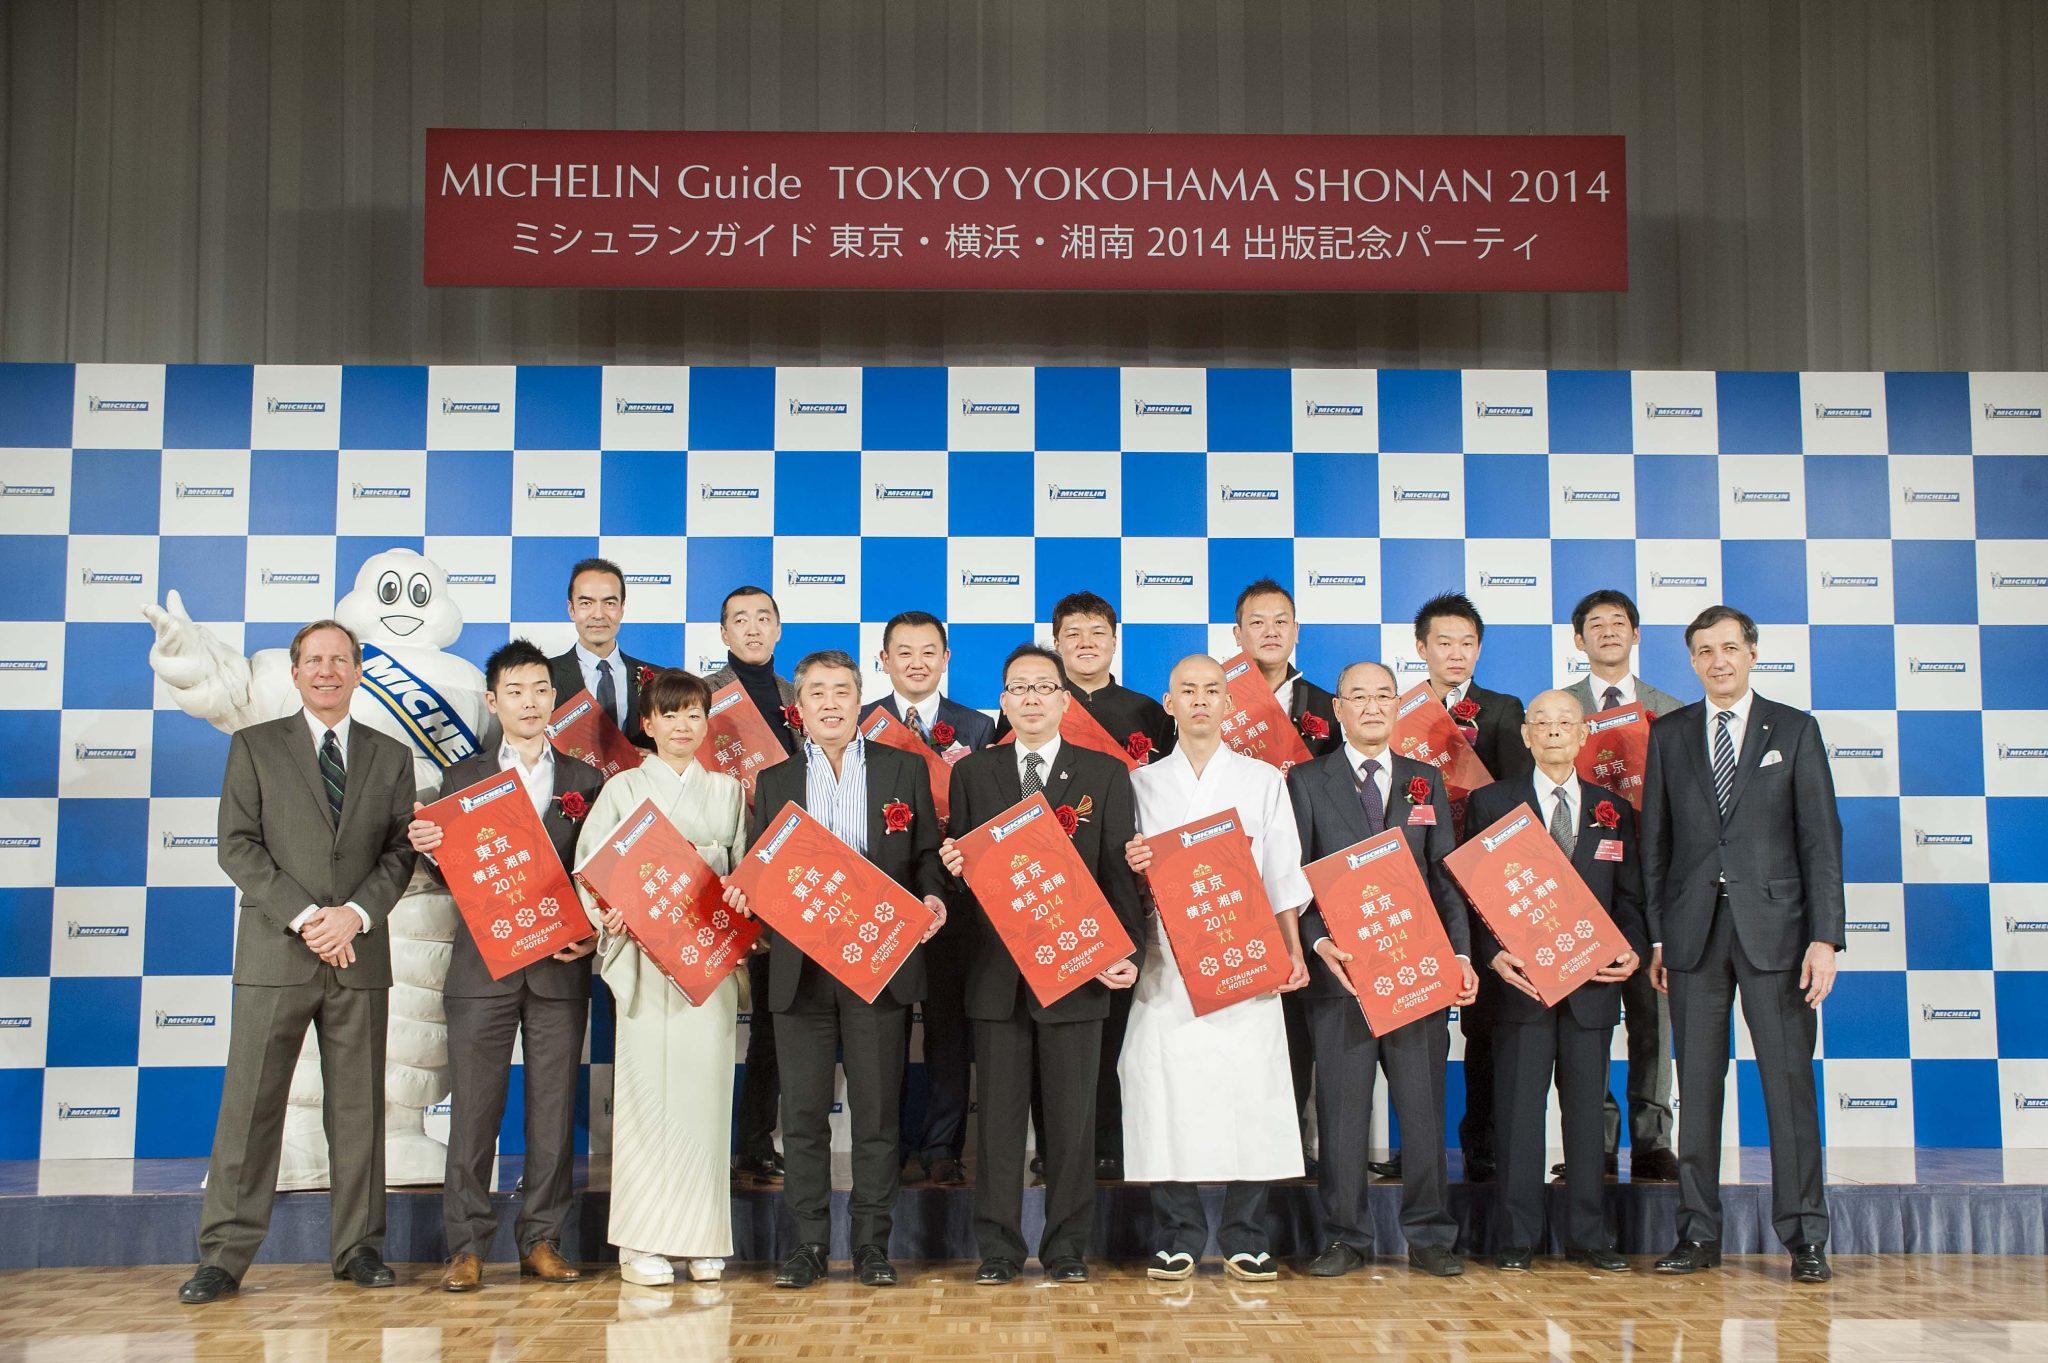 ミシュランガイド東京・横浜・湘南2014 出版記念パーティー 3